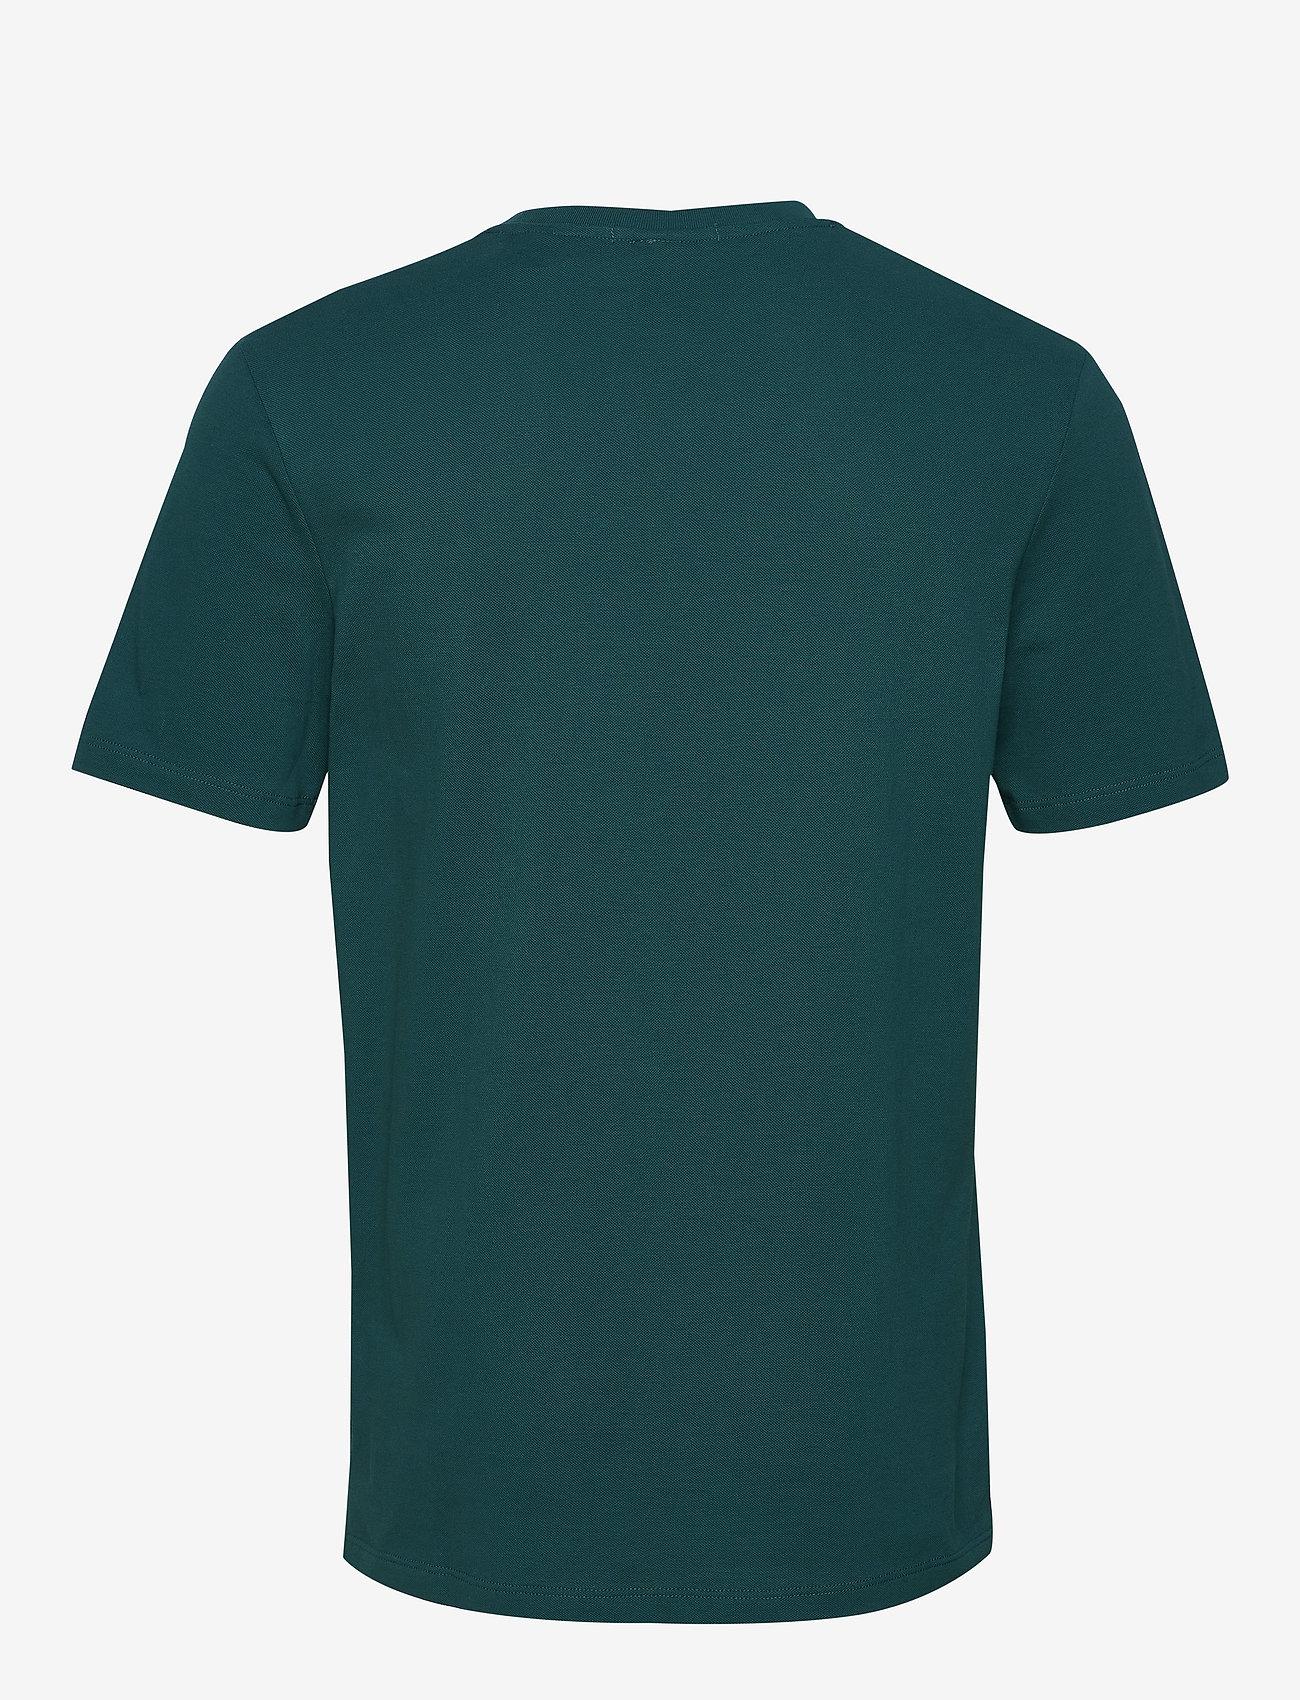 Scotch & Soda - Classic pique crewneck tee - t-shirts basiques - deep sea green - 1